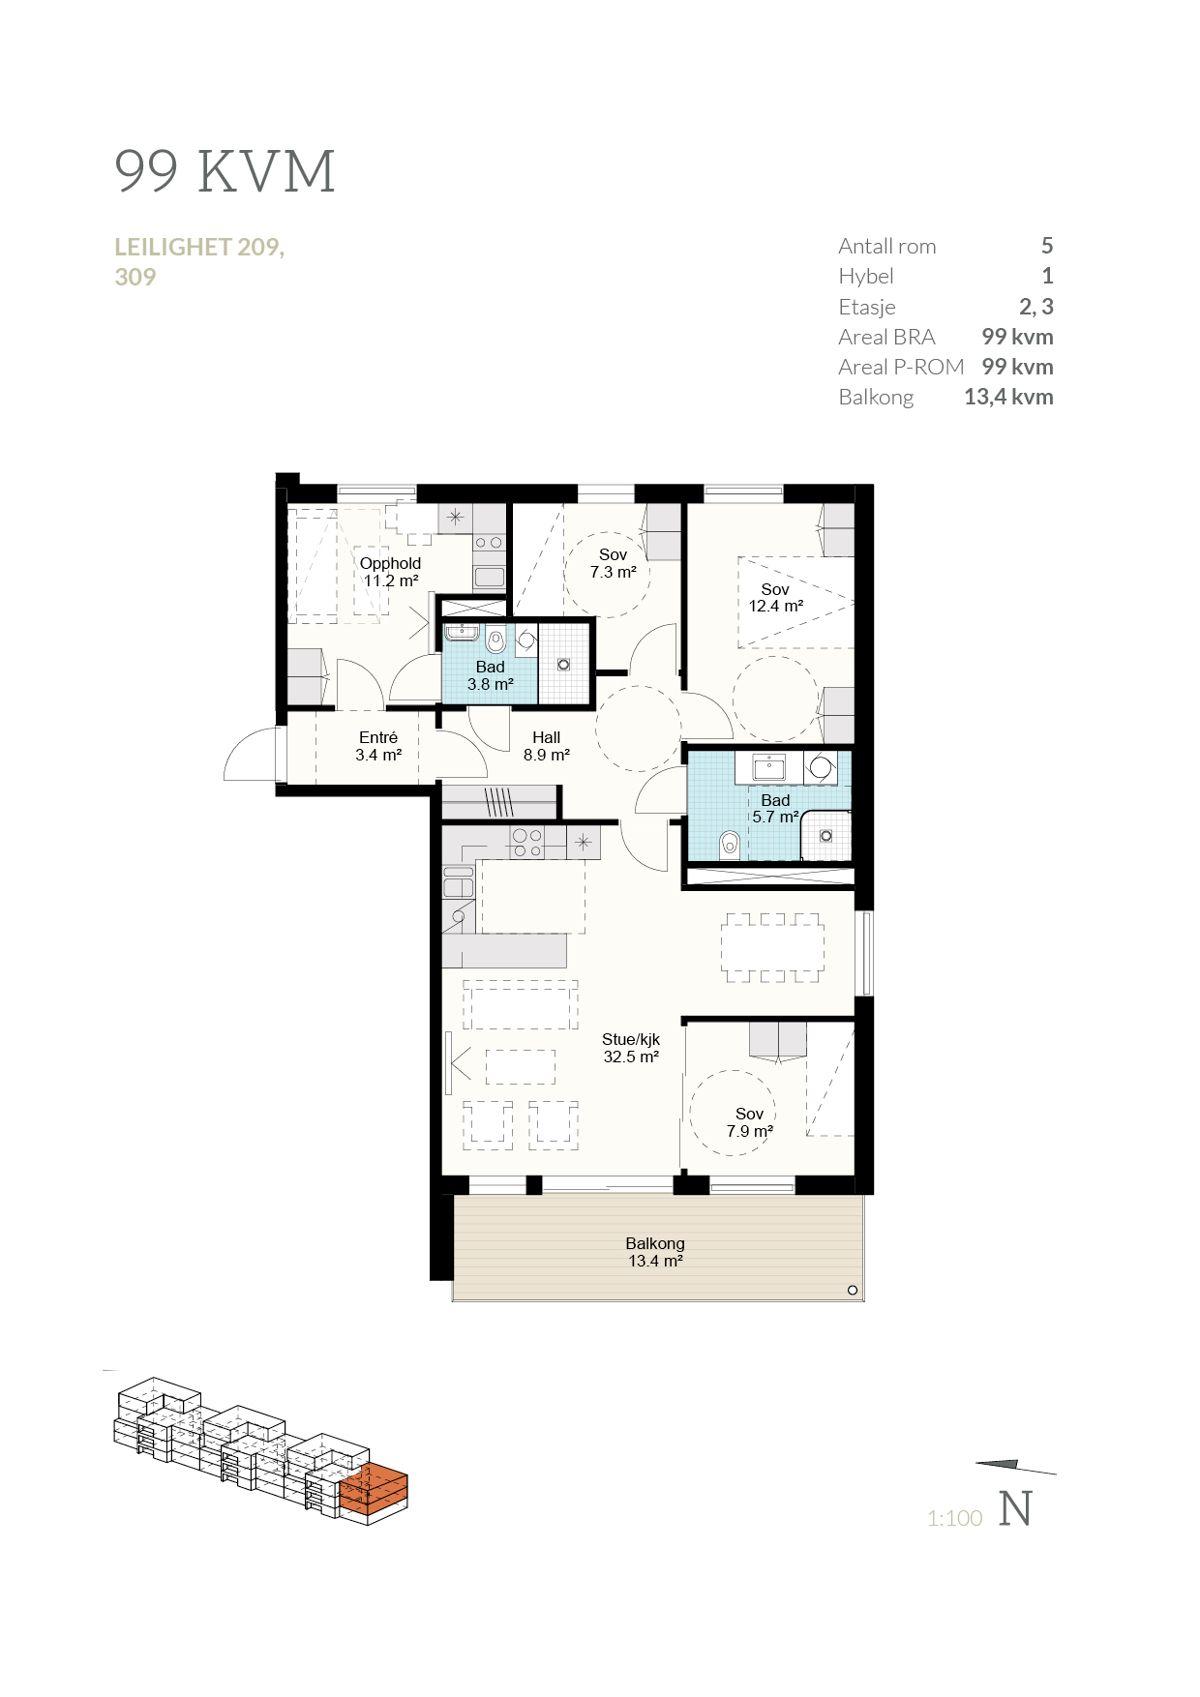 Brånåslunden Plantegning 99 kvm - leilighet 209 og 309